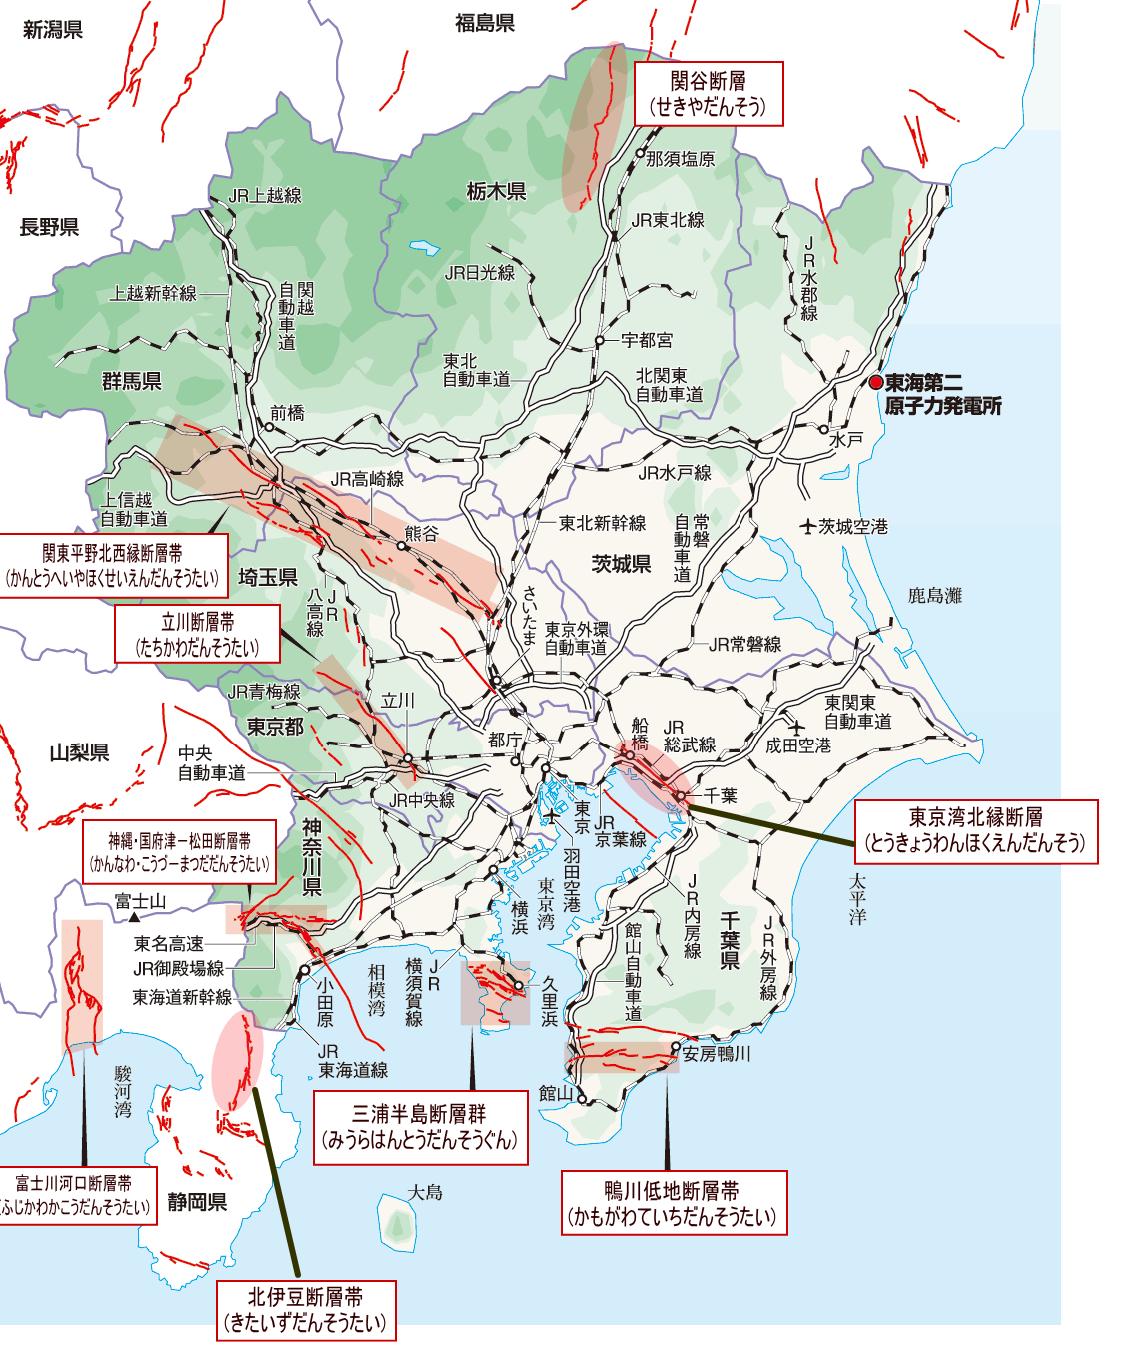 2019 断層図 3 関東3